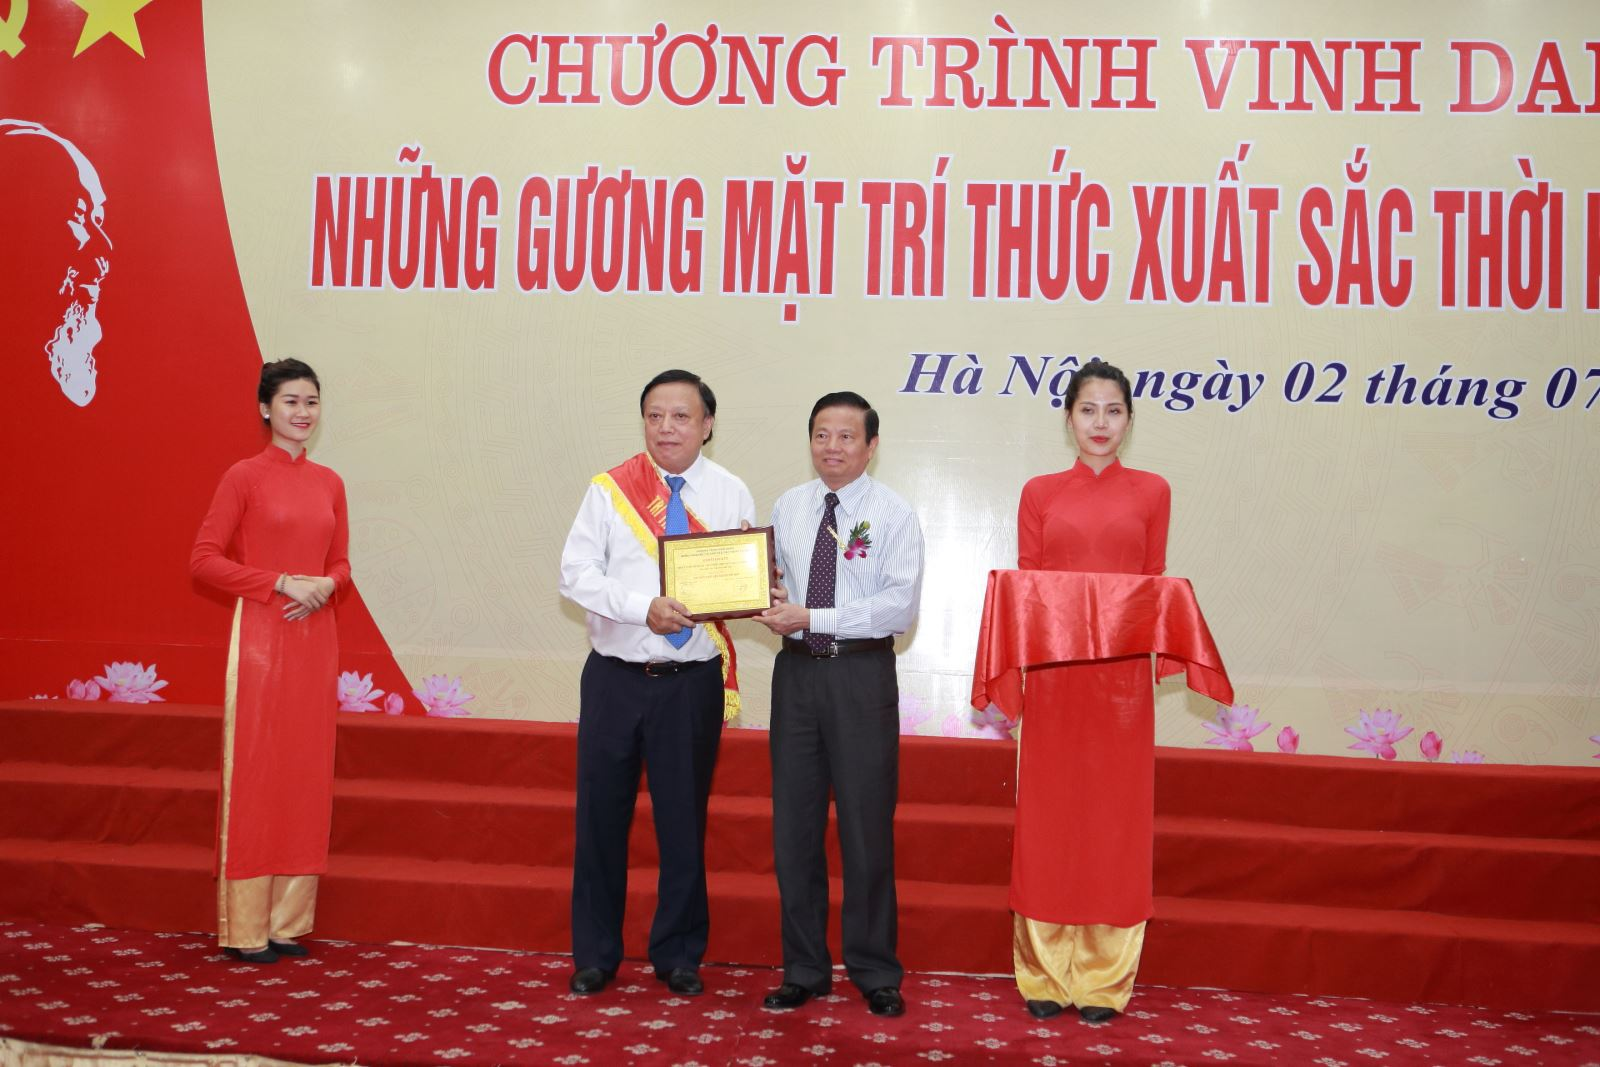 Nhà giáo ưu tú Ngô Trần Ái được vinh danh Những gương mặt trí thức xuất sắc thời kỳ đổi mới